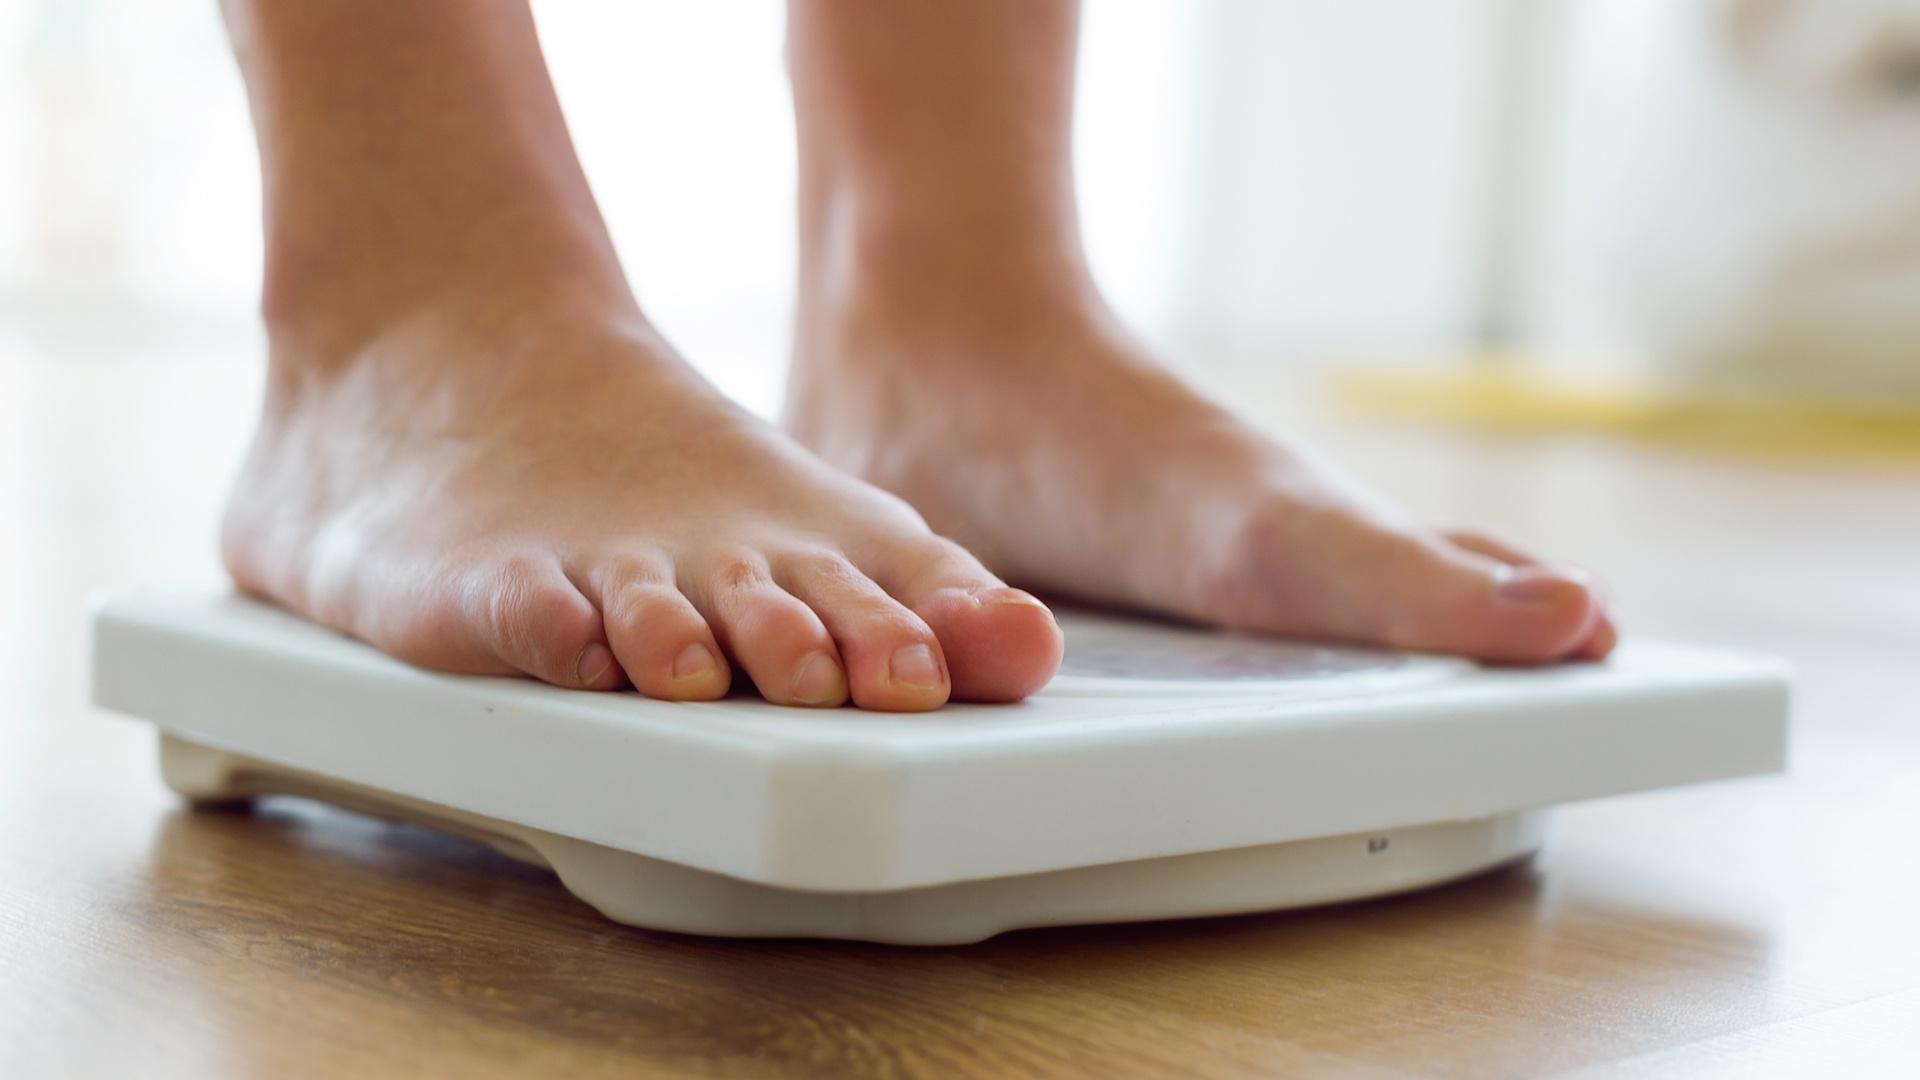 Resultado de imagen para persona pesandose